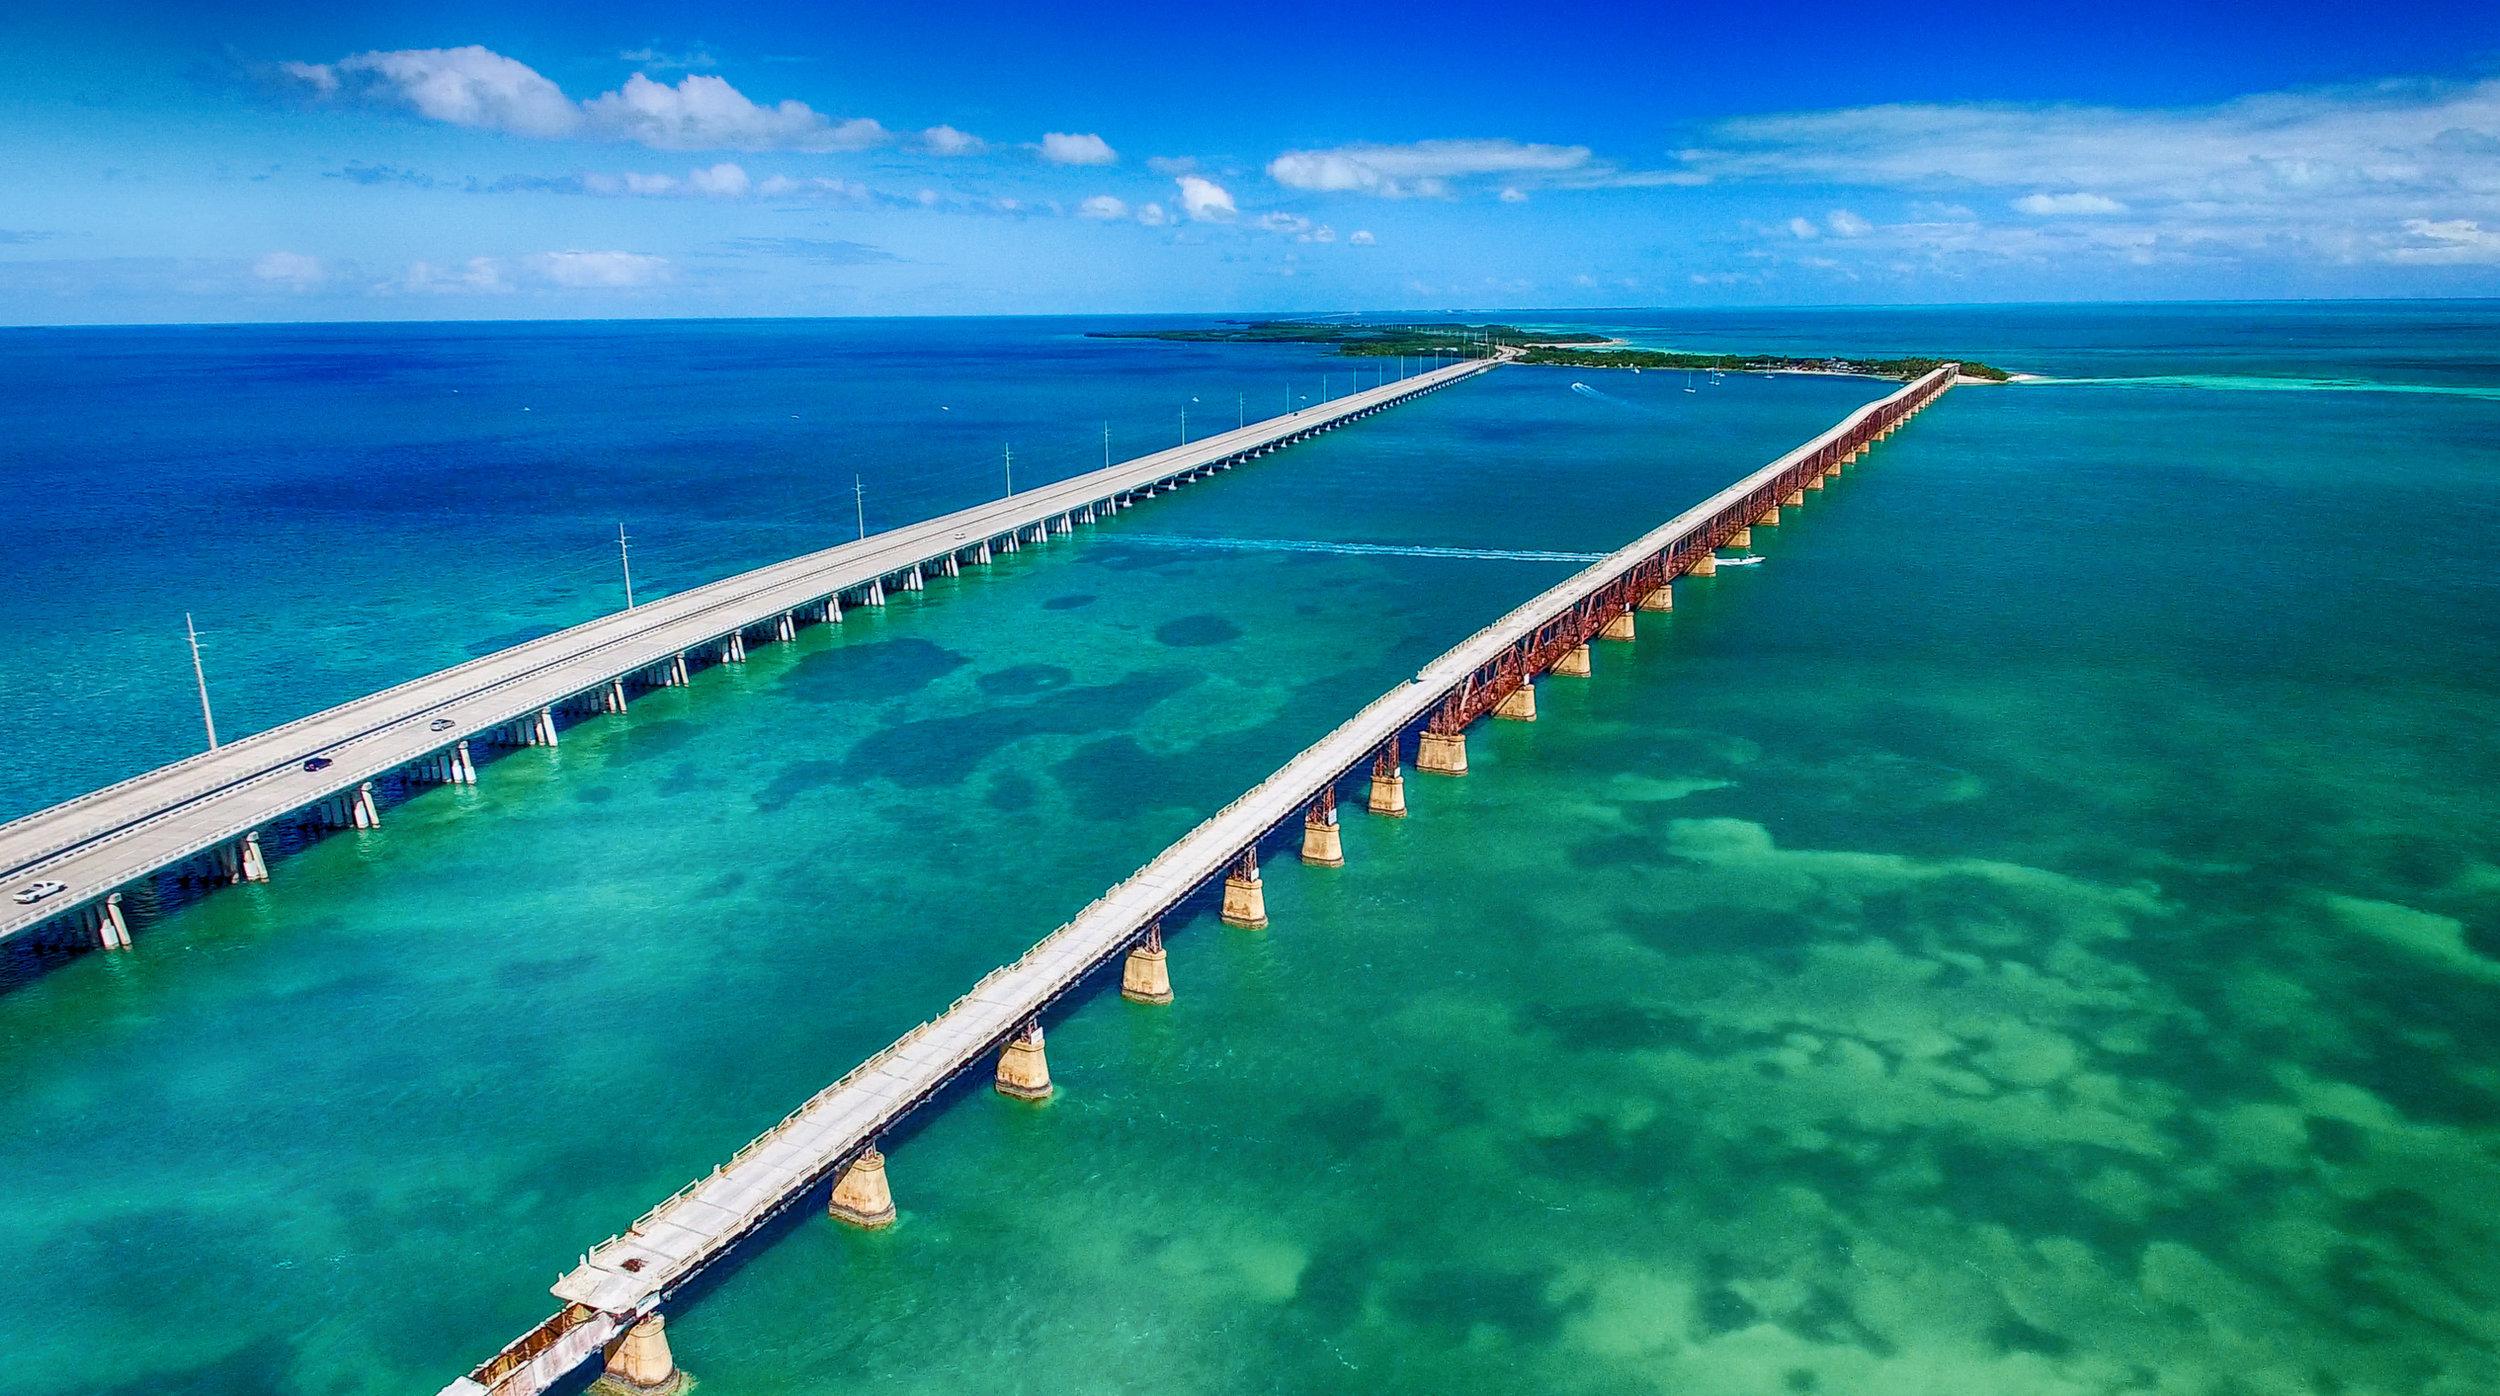 The Iconic Overseas Highway